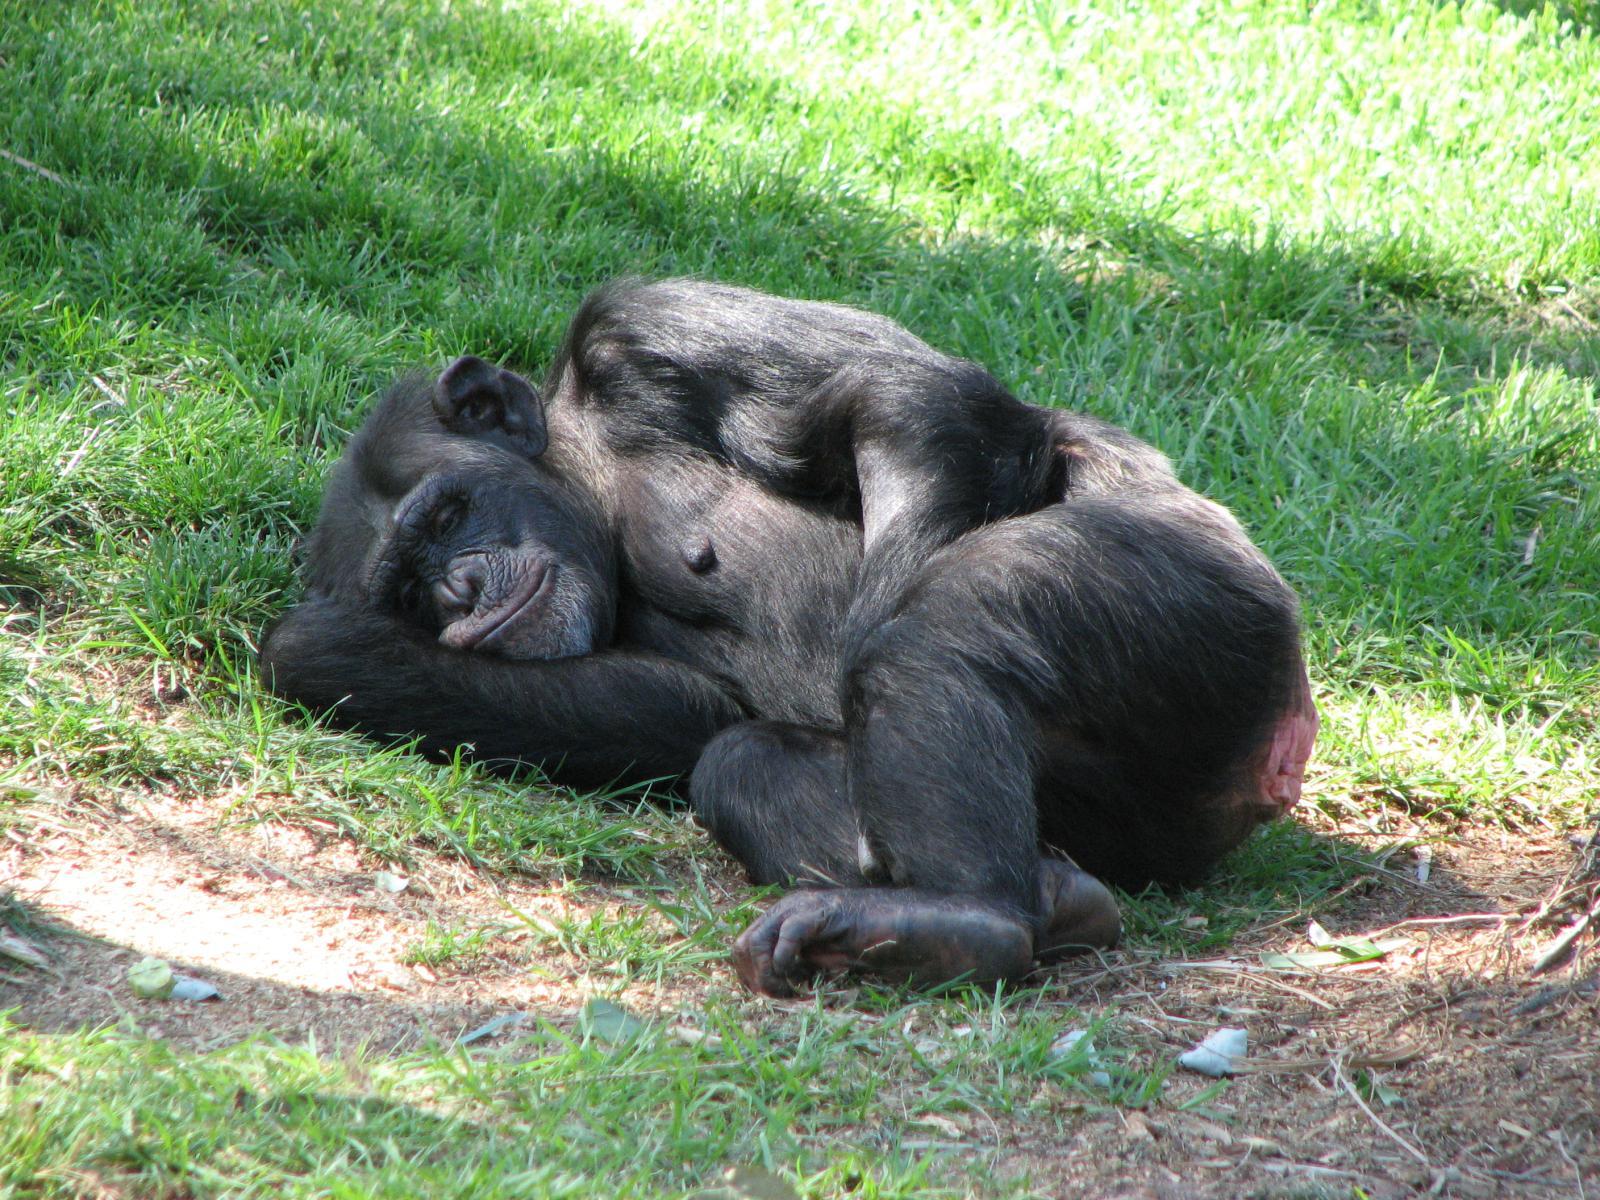 Chumpanzee At Taronga Zoo, purpleairplane March 21, 2009